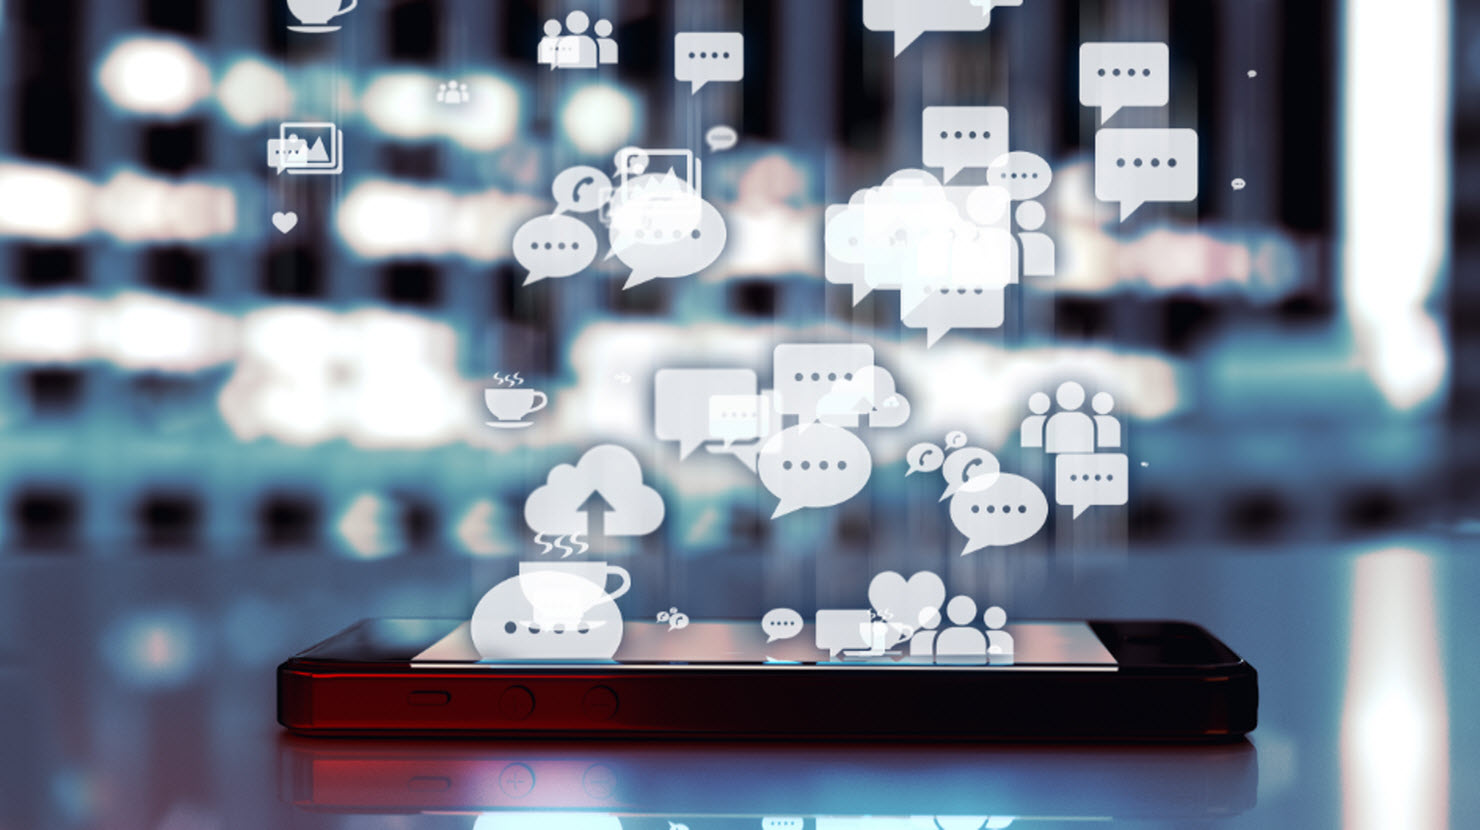 Aplicaciones android y protección de datos